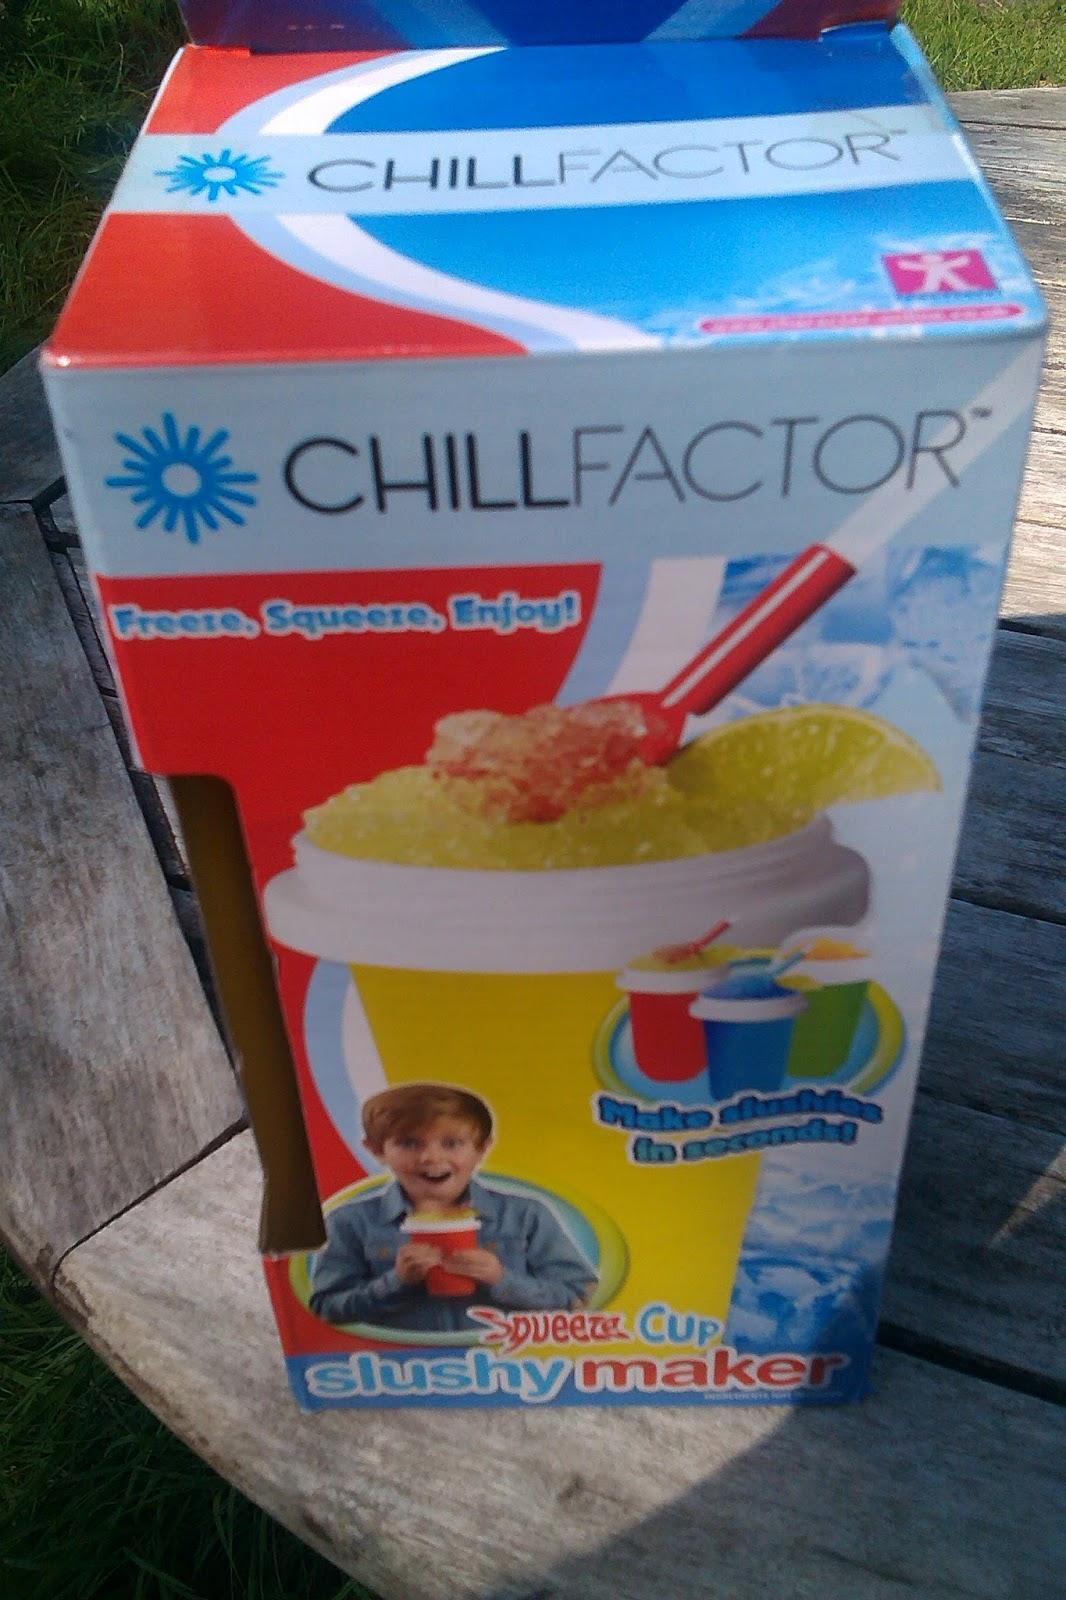 chill factor slushy maker instructions